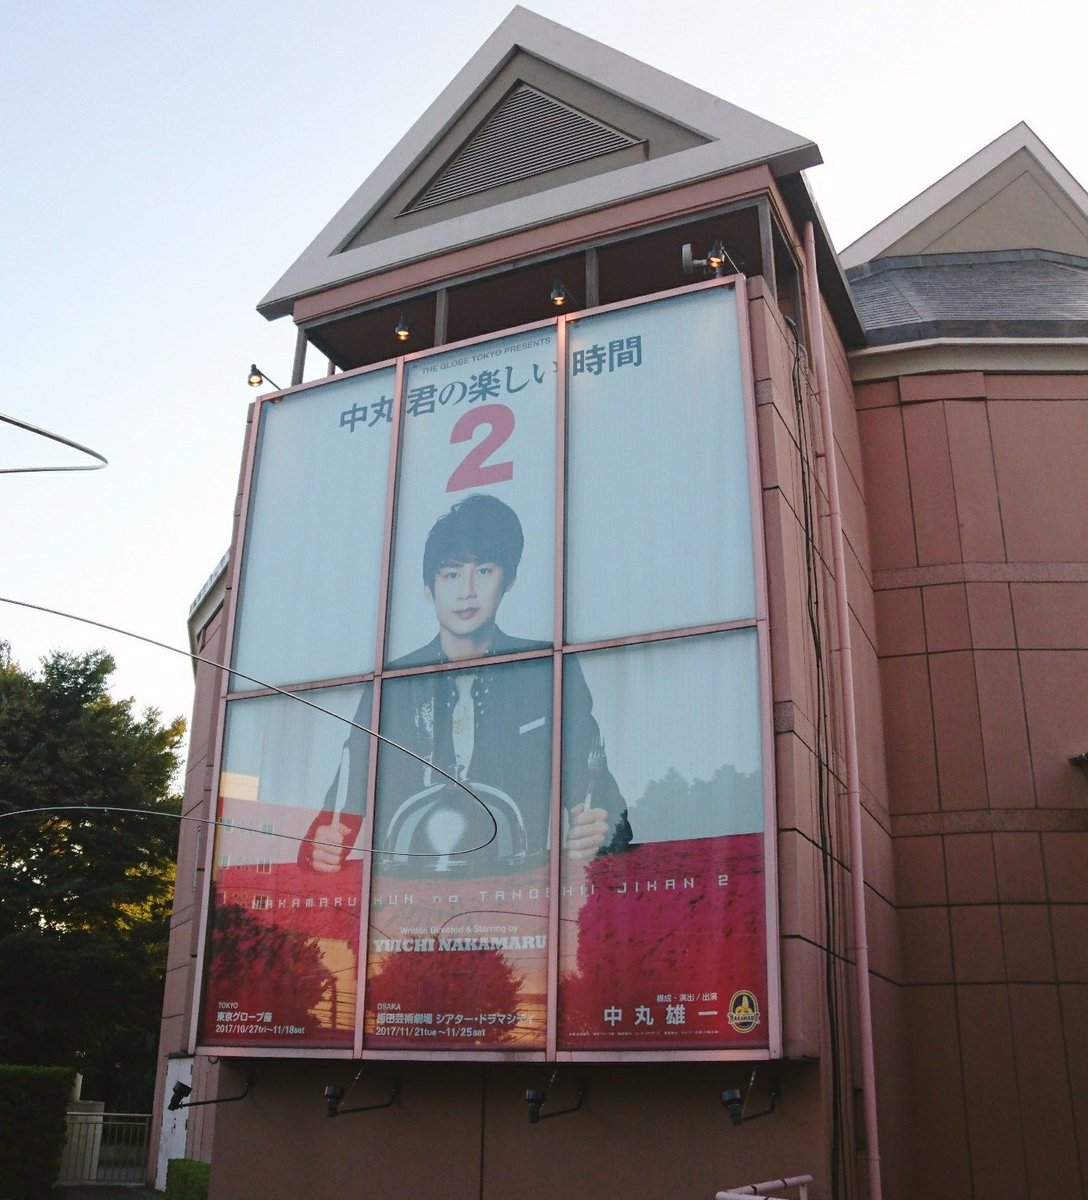 【中丸君の楽しい時間2】KAT-TUN中丸雄一が舞台で新曲を披露☆初日レポまとめ